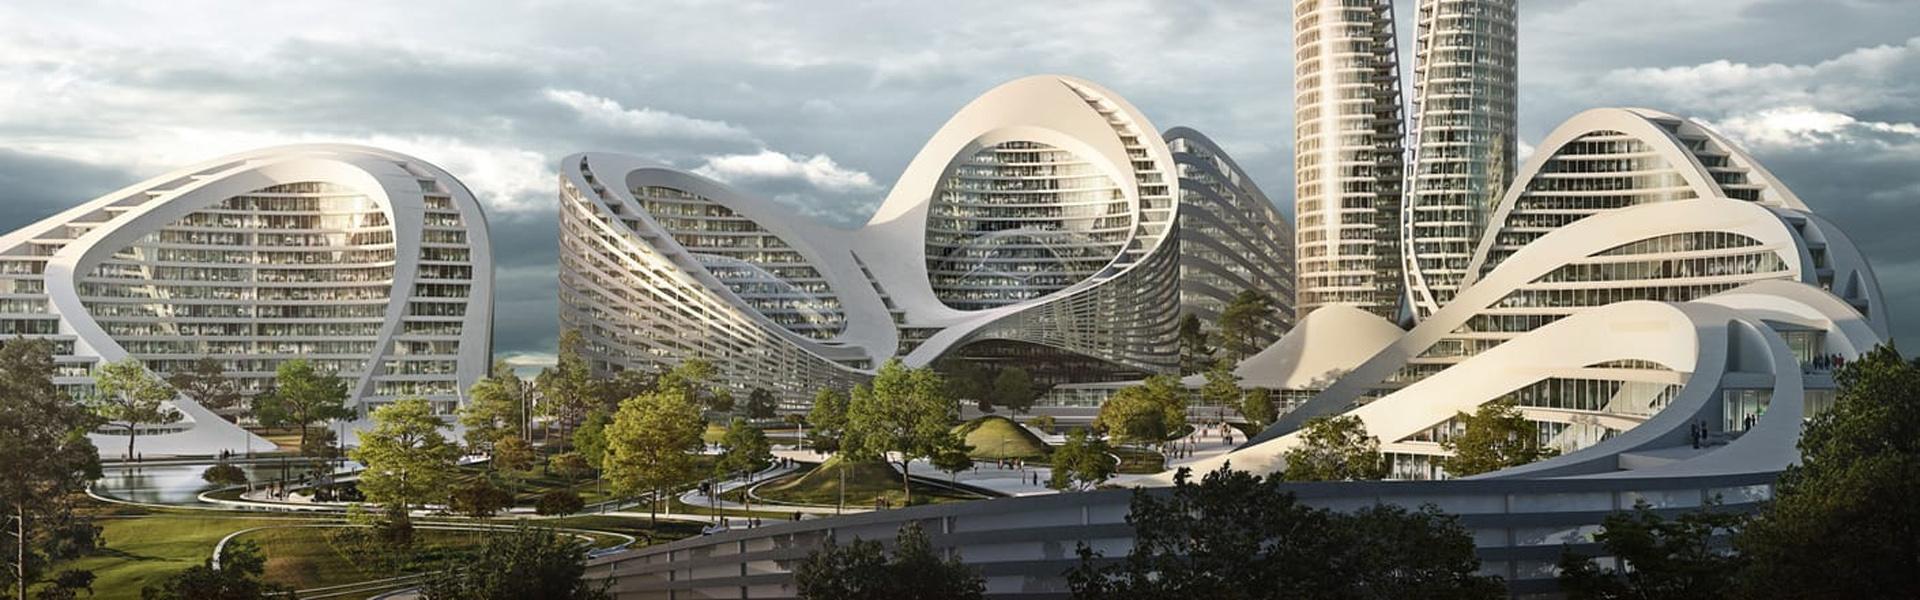 SketchUp projektowanie 3D dla architektury